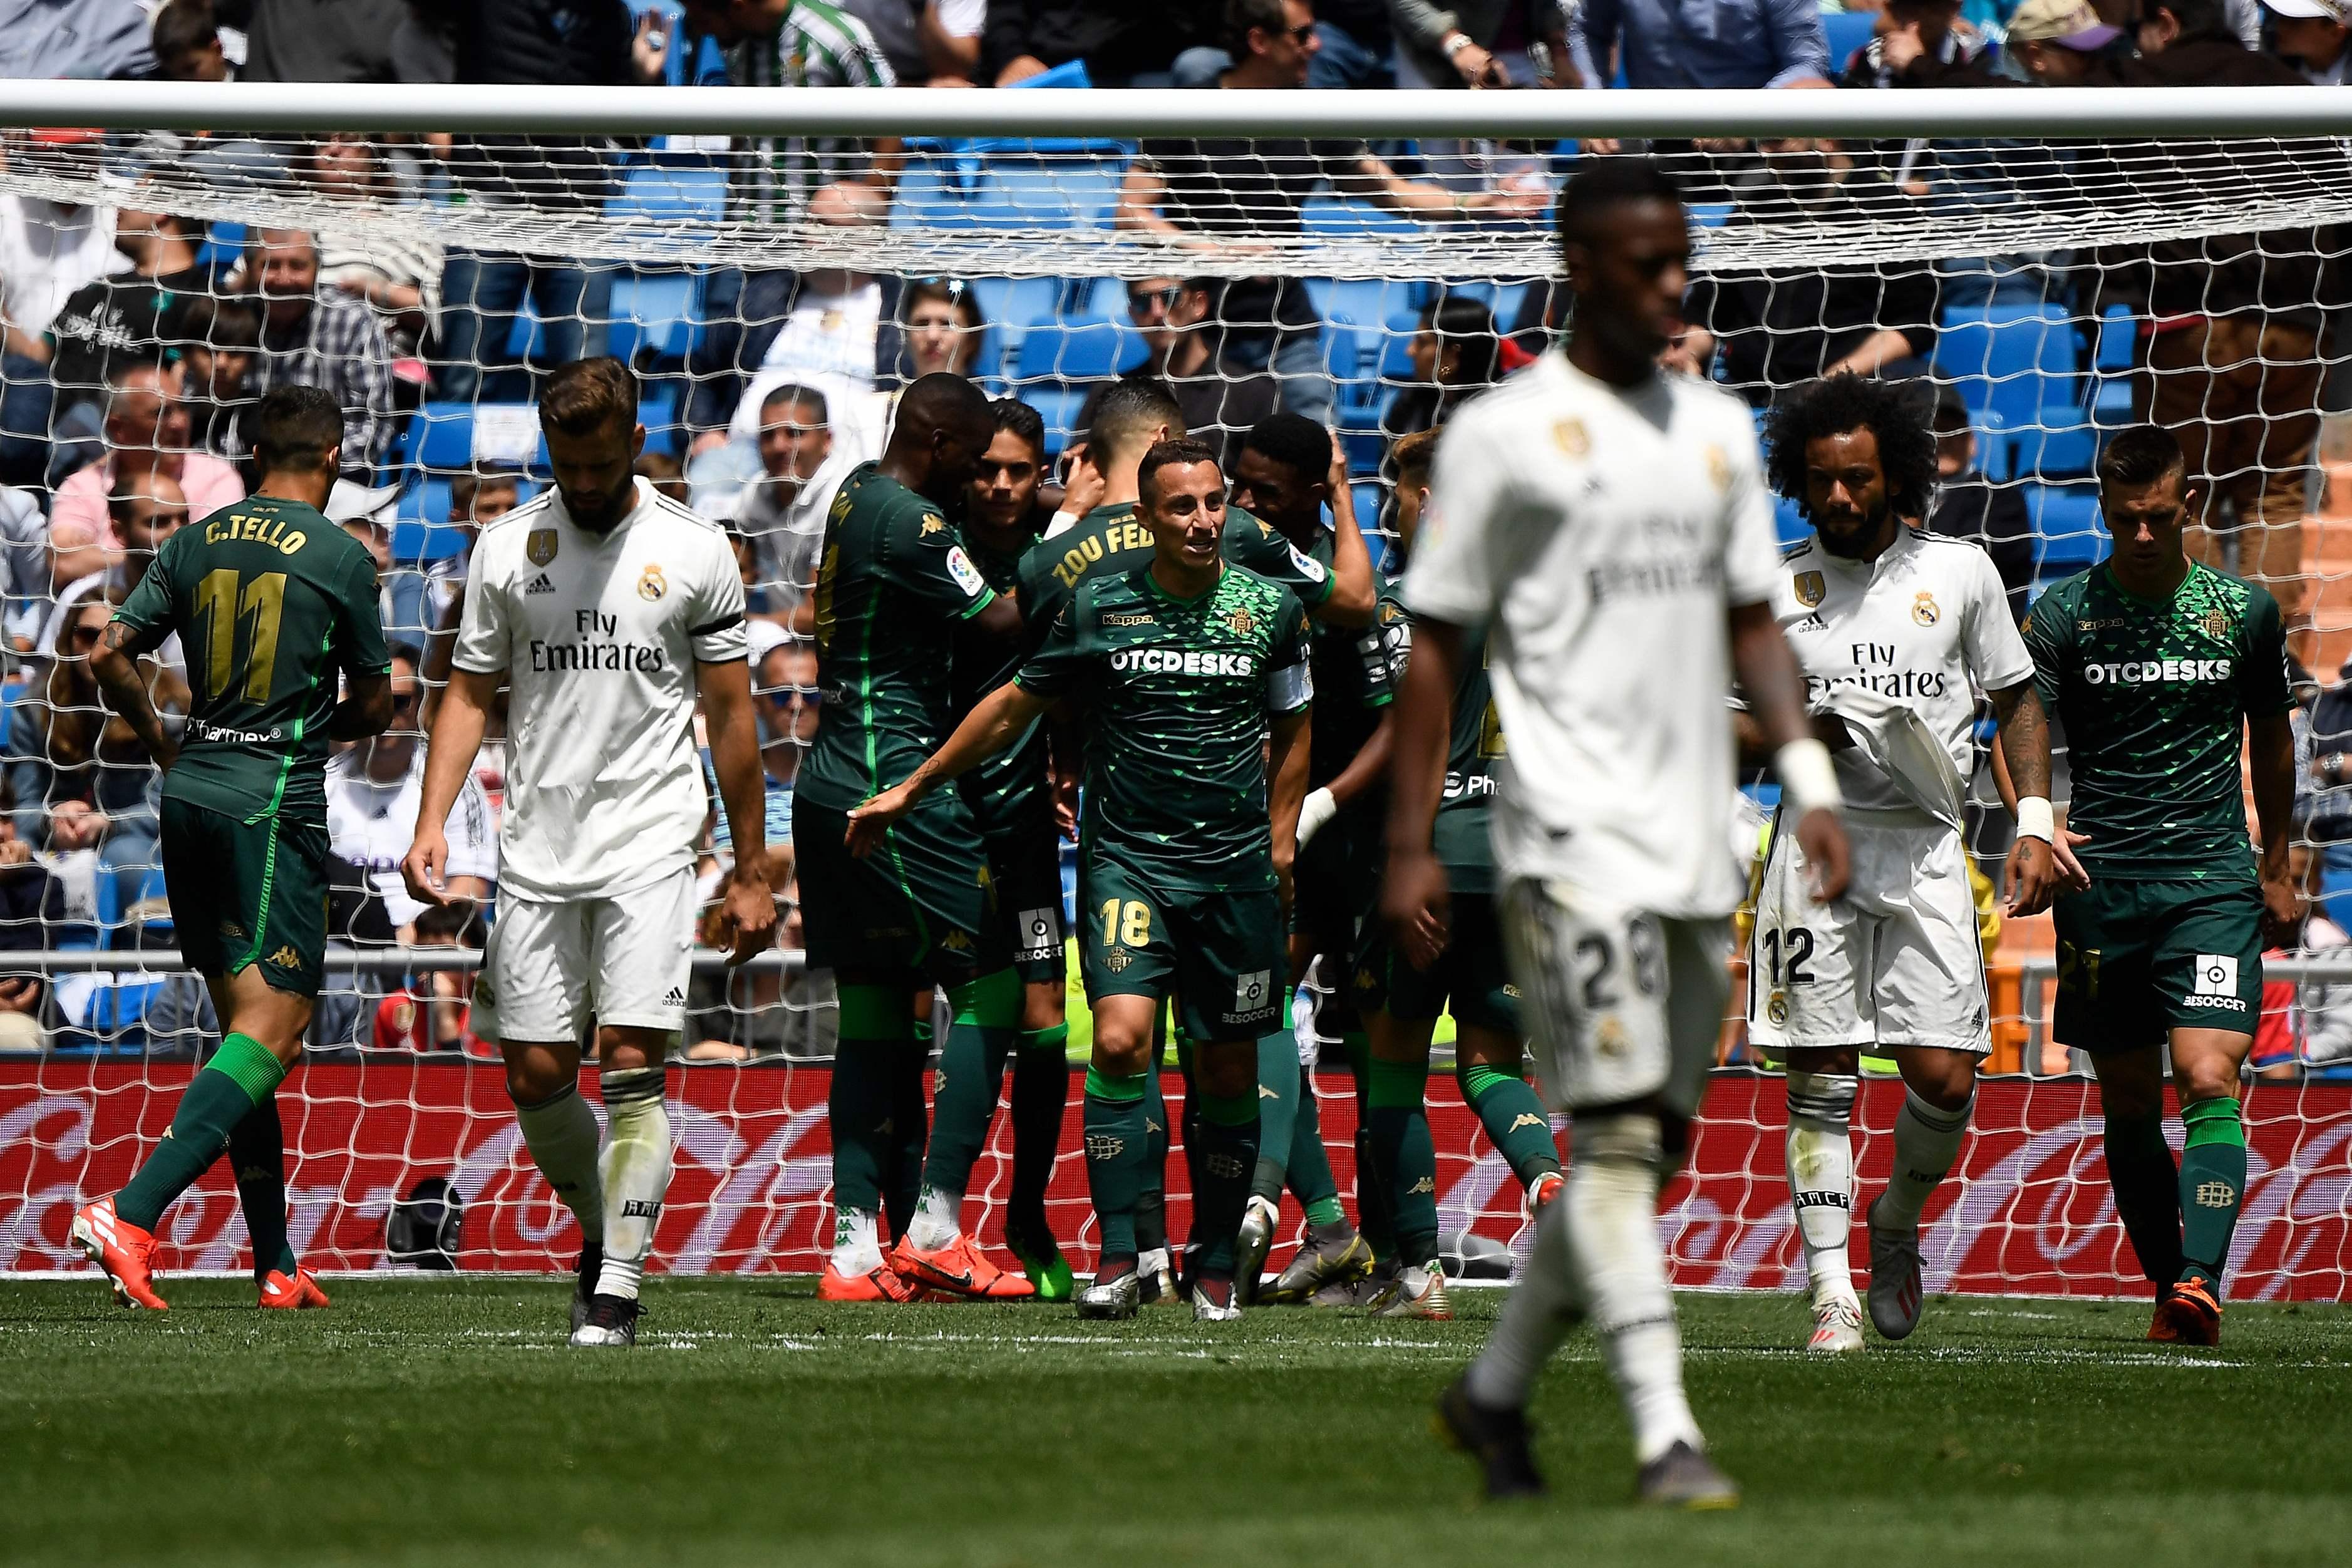 Cabizbajos, los jugadores del Real Madrid terminaron su participación en la temporada (Foto Prensa Libre: AFP).